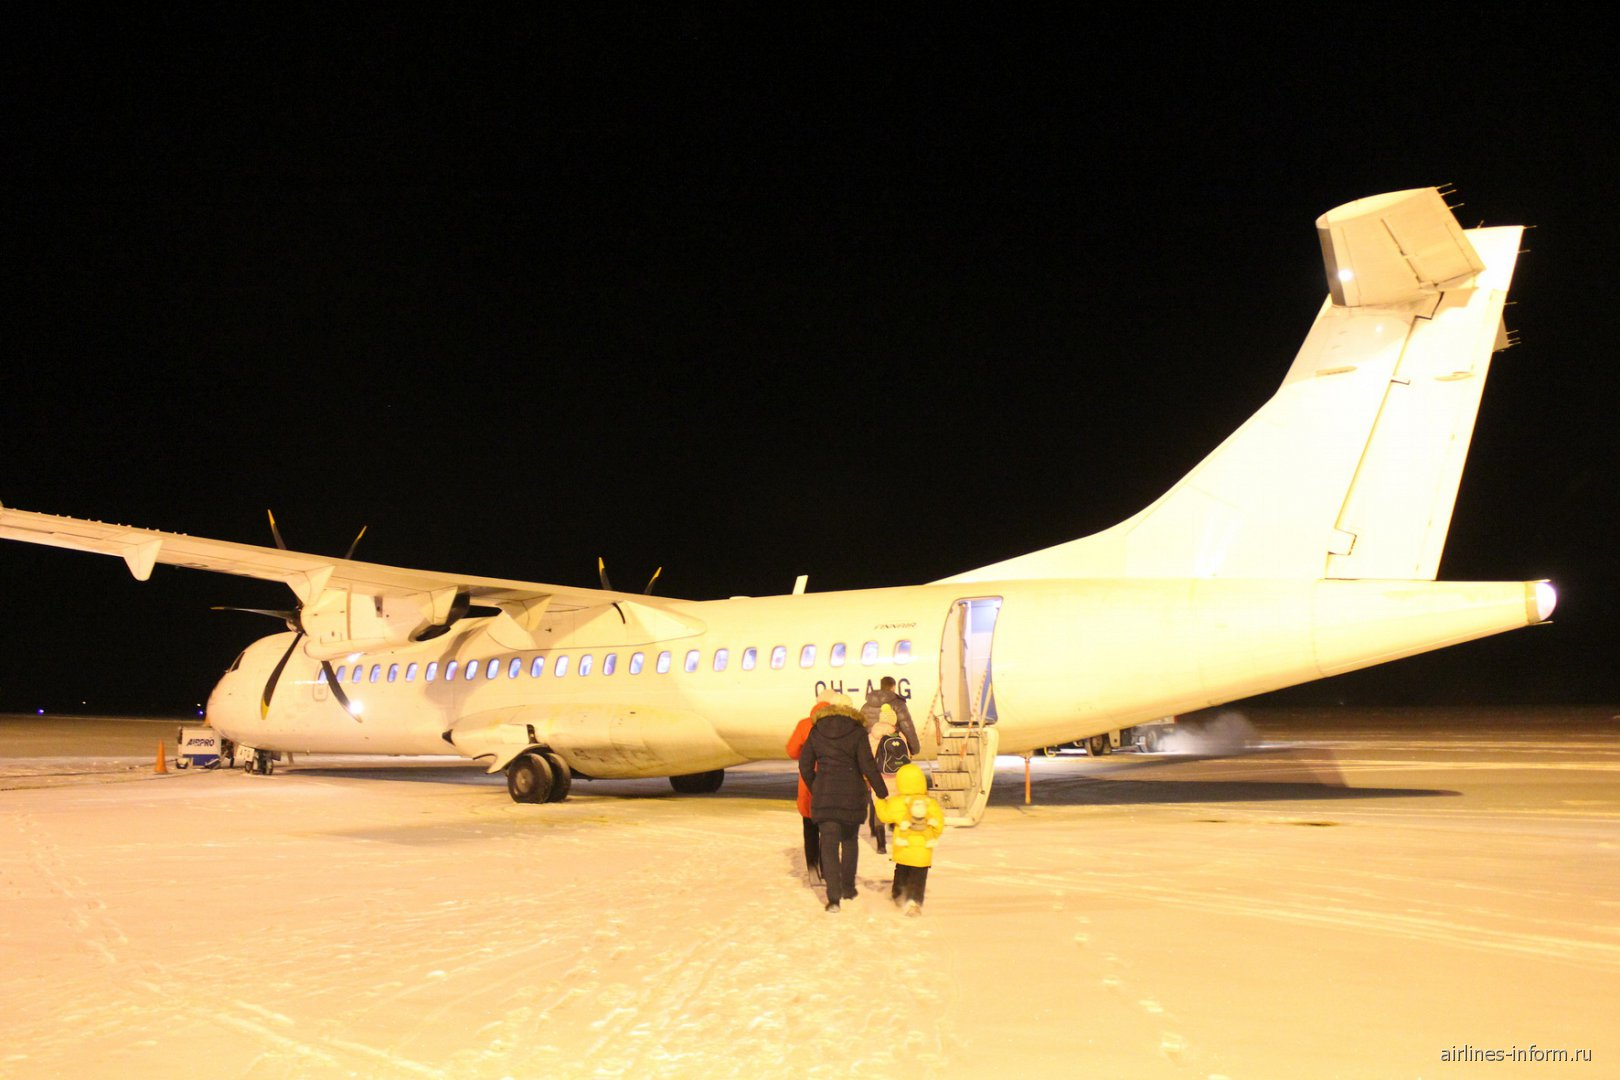 Самолет ATR 72 авиакомпании NORRA в аэропорту Каяни